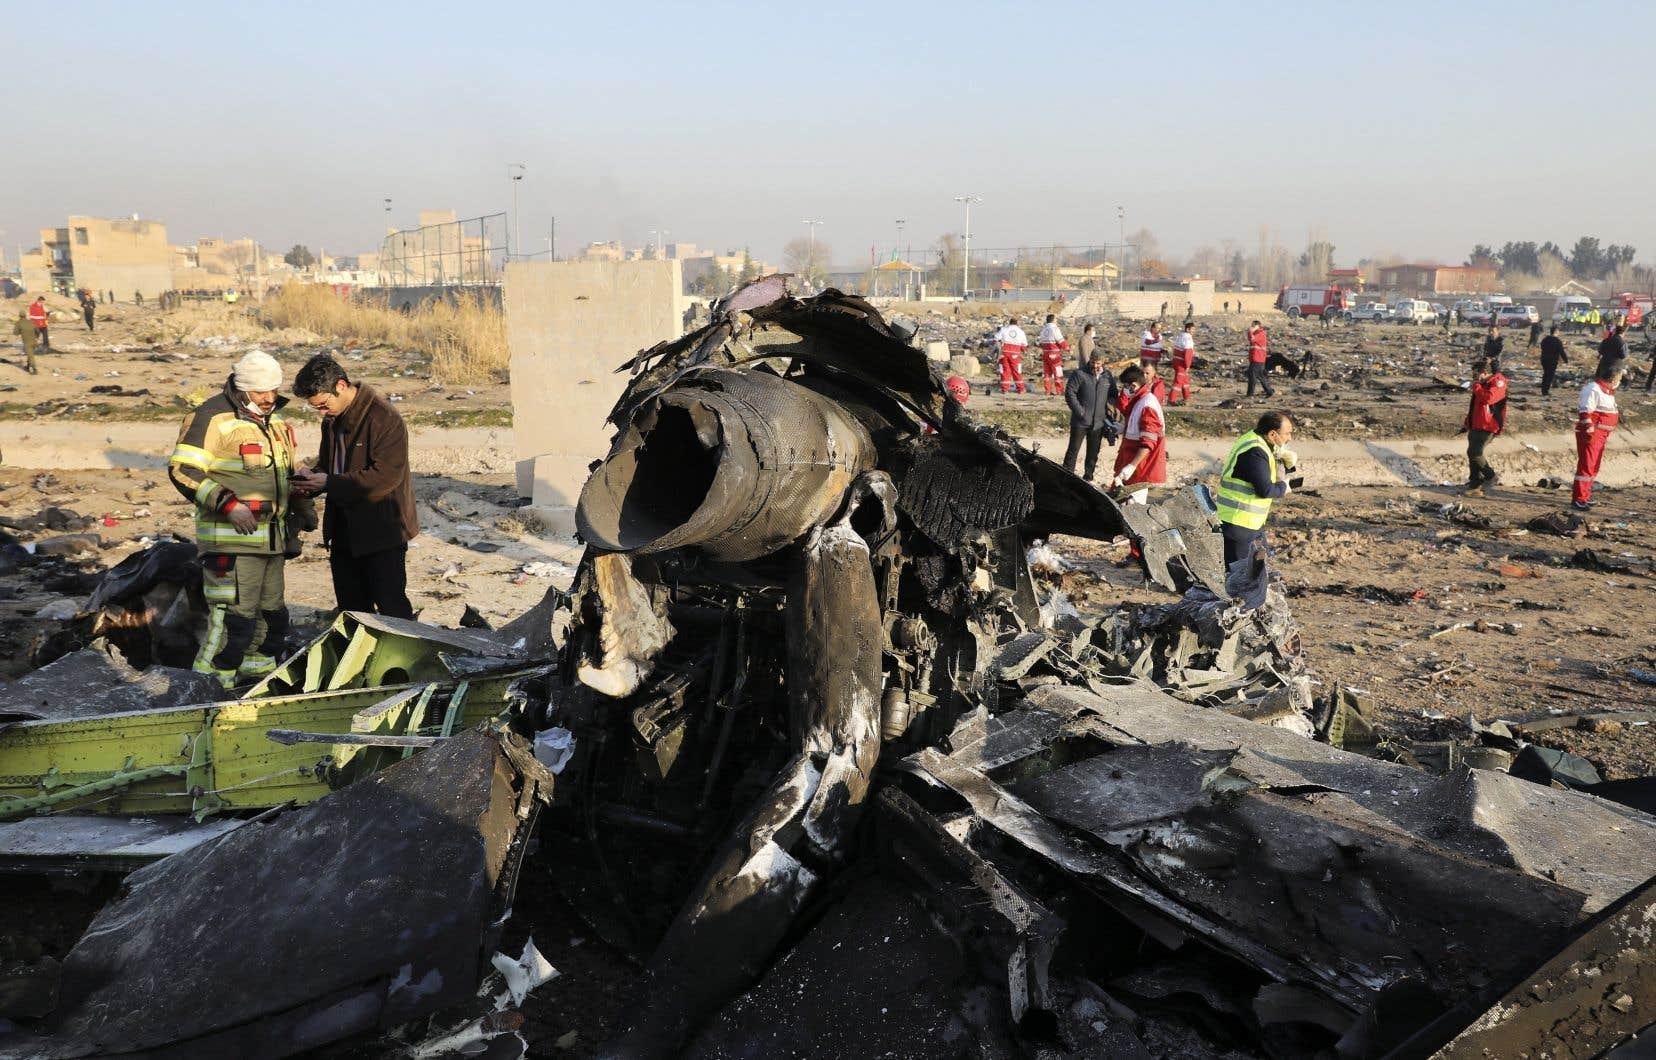 L'écrasement mercredi a coûté la vie à 176 personnes, dont 57 canadiens selon le dernier bilan du ministre des Affaires étrangères, François-Philippe Champagne.